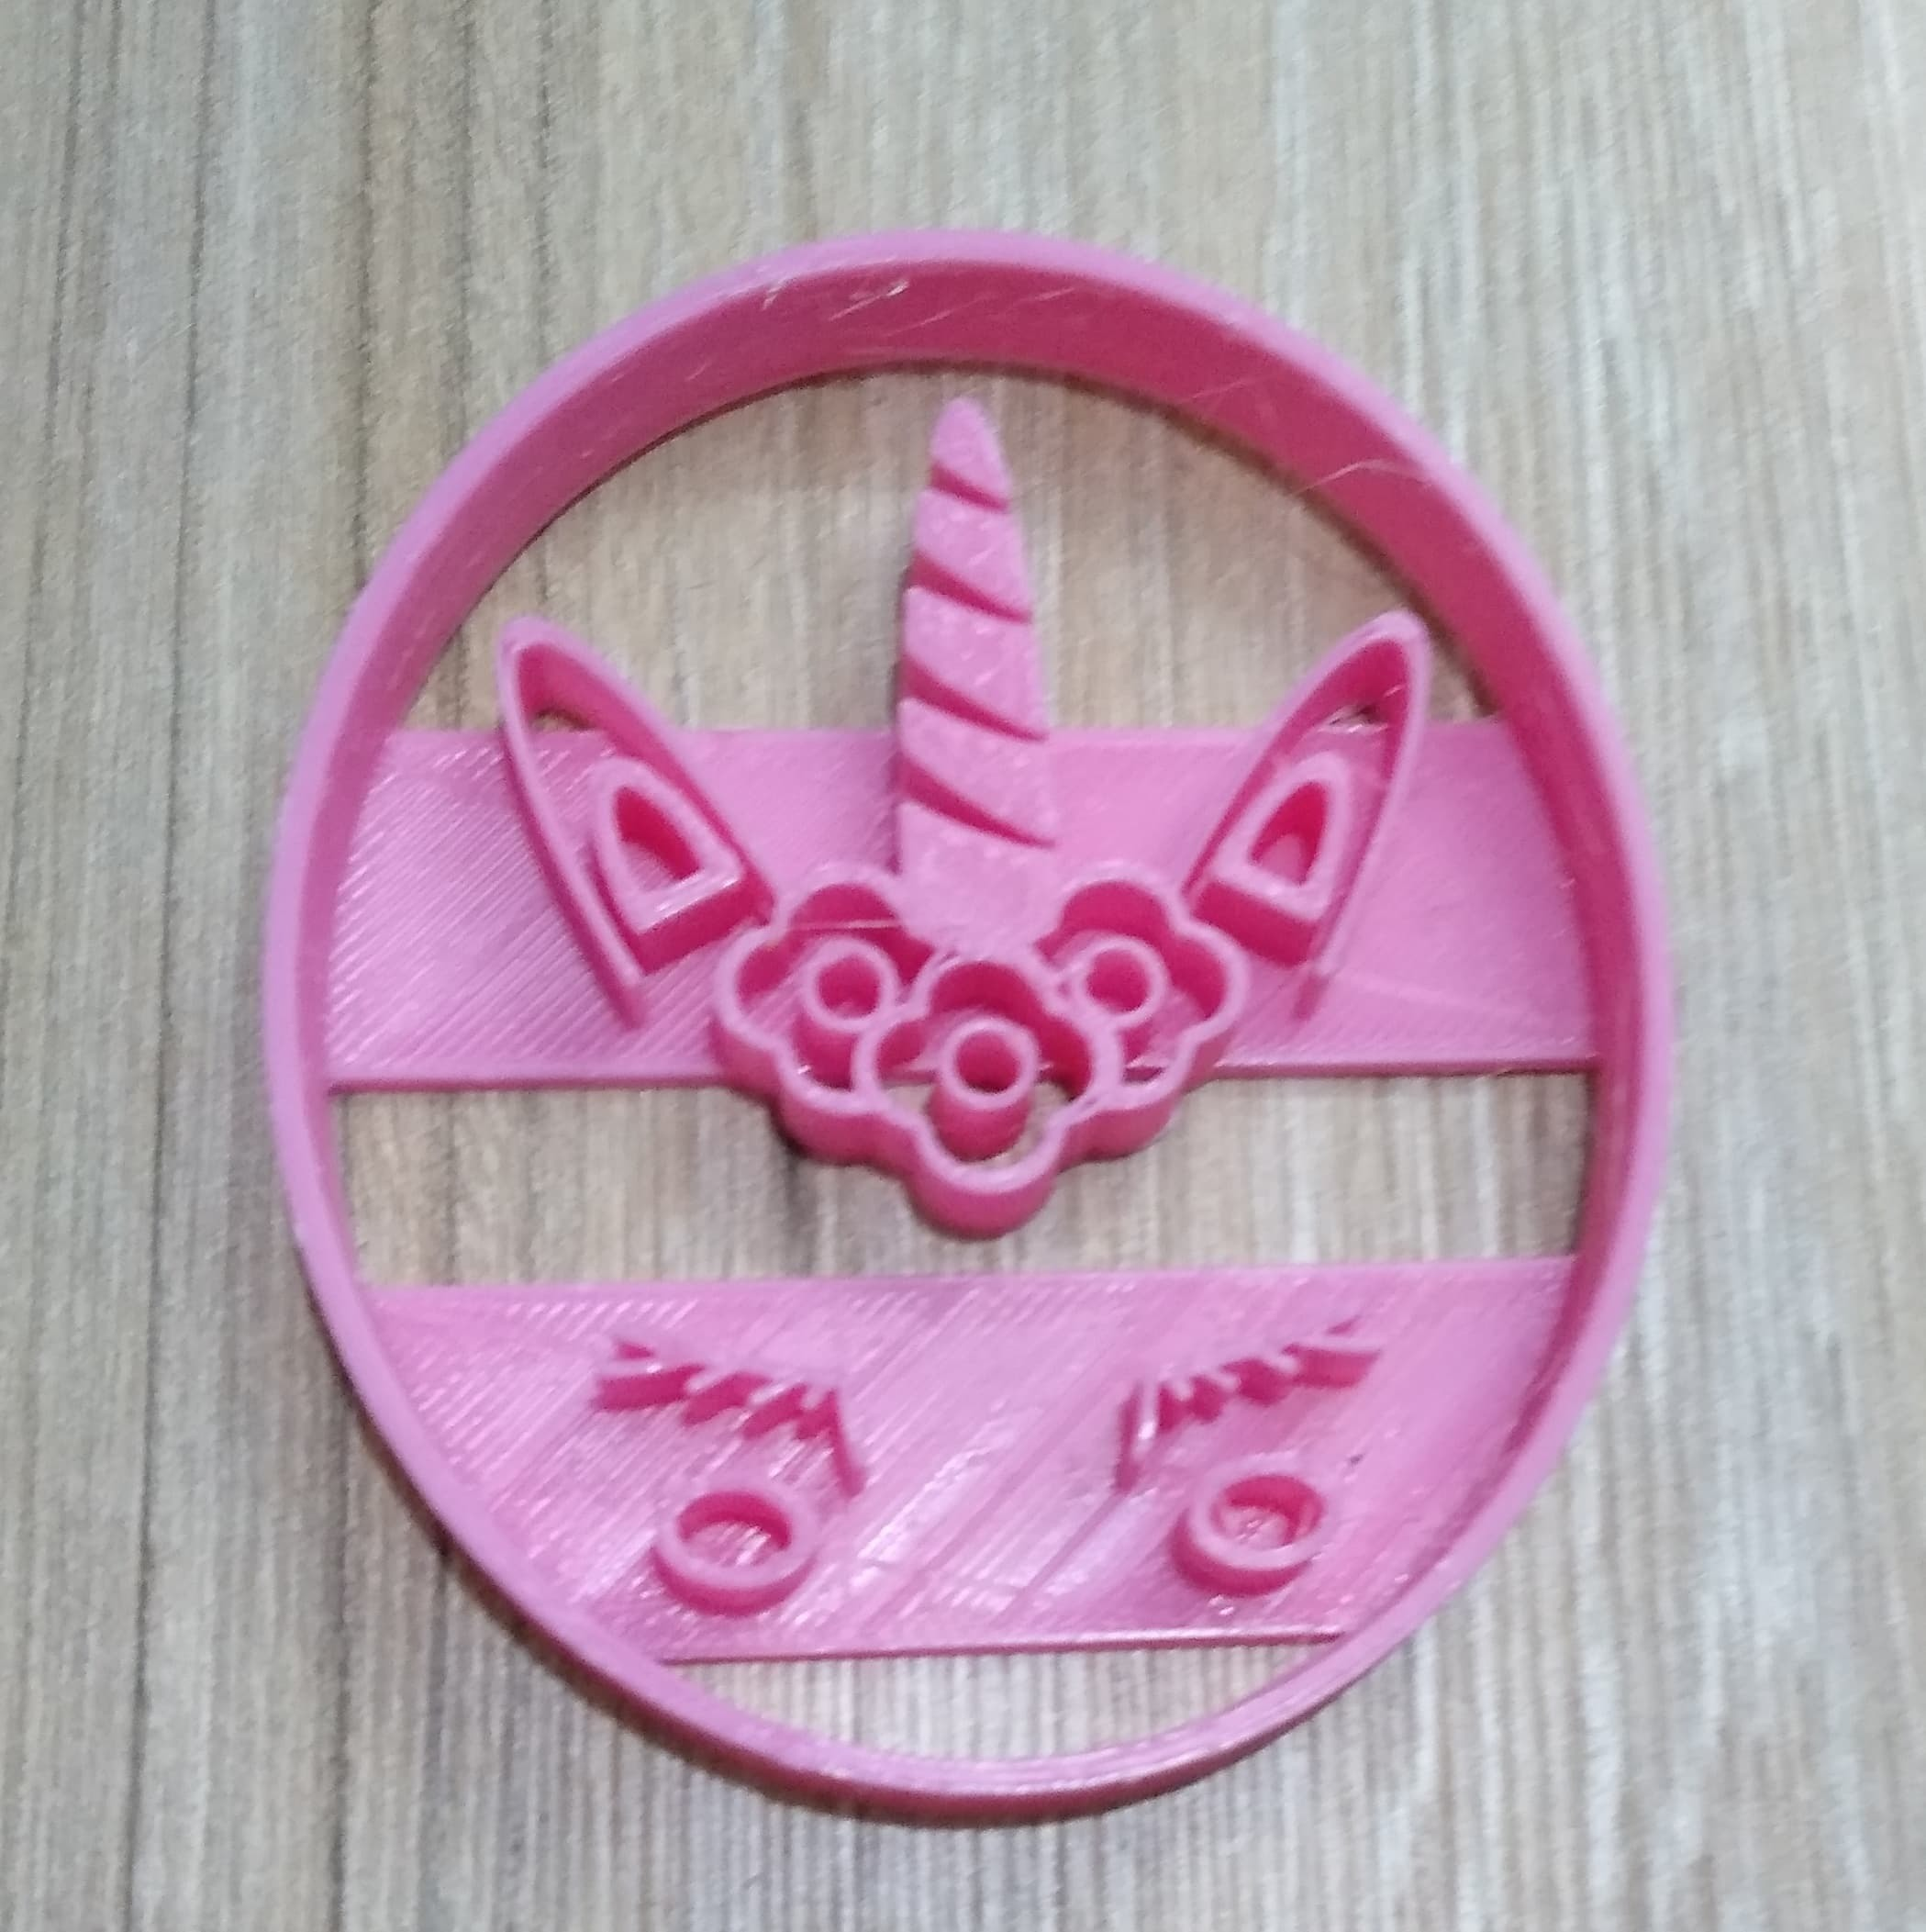 38600572_246190936024572_951556614383468544_n.jpg Download STL file cut cutter unicorn • 3D print design, Blop3D